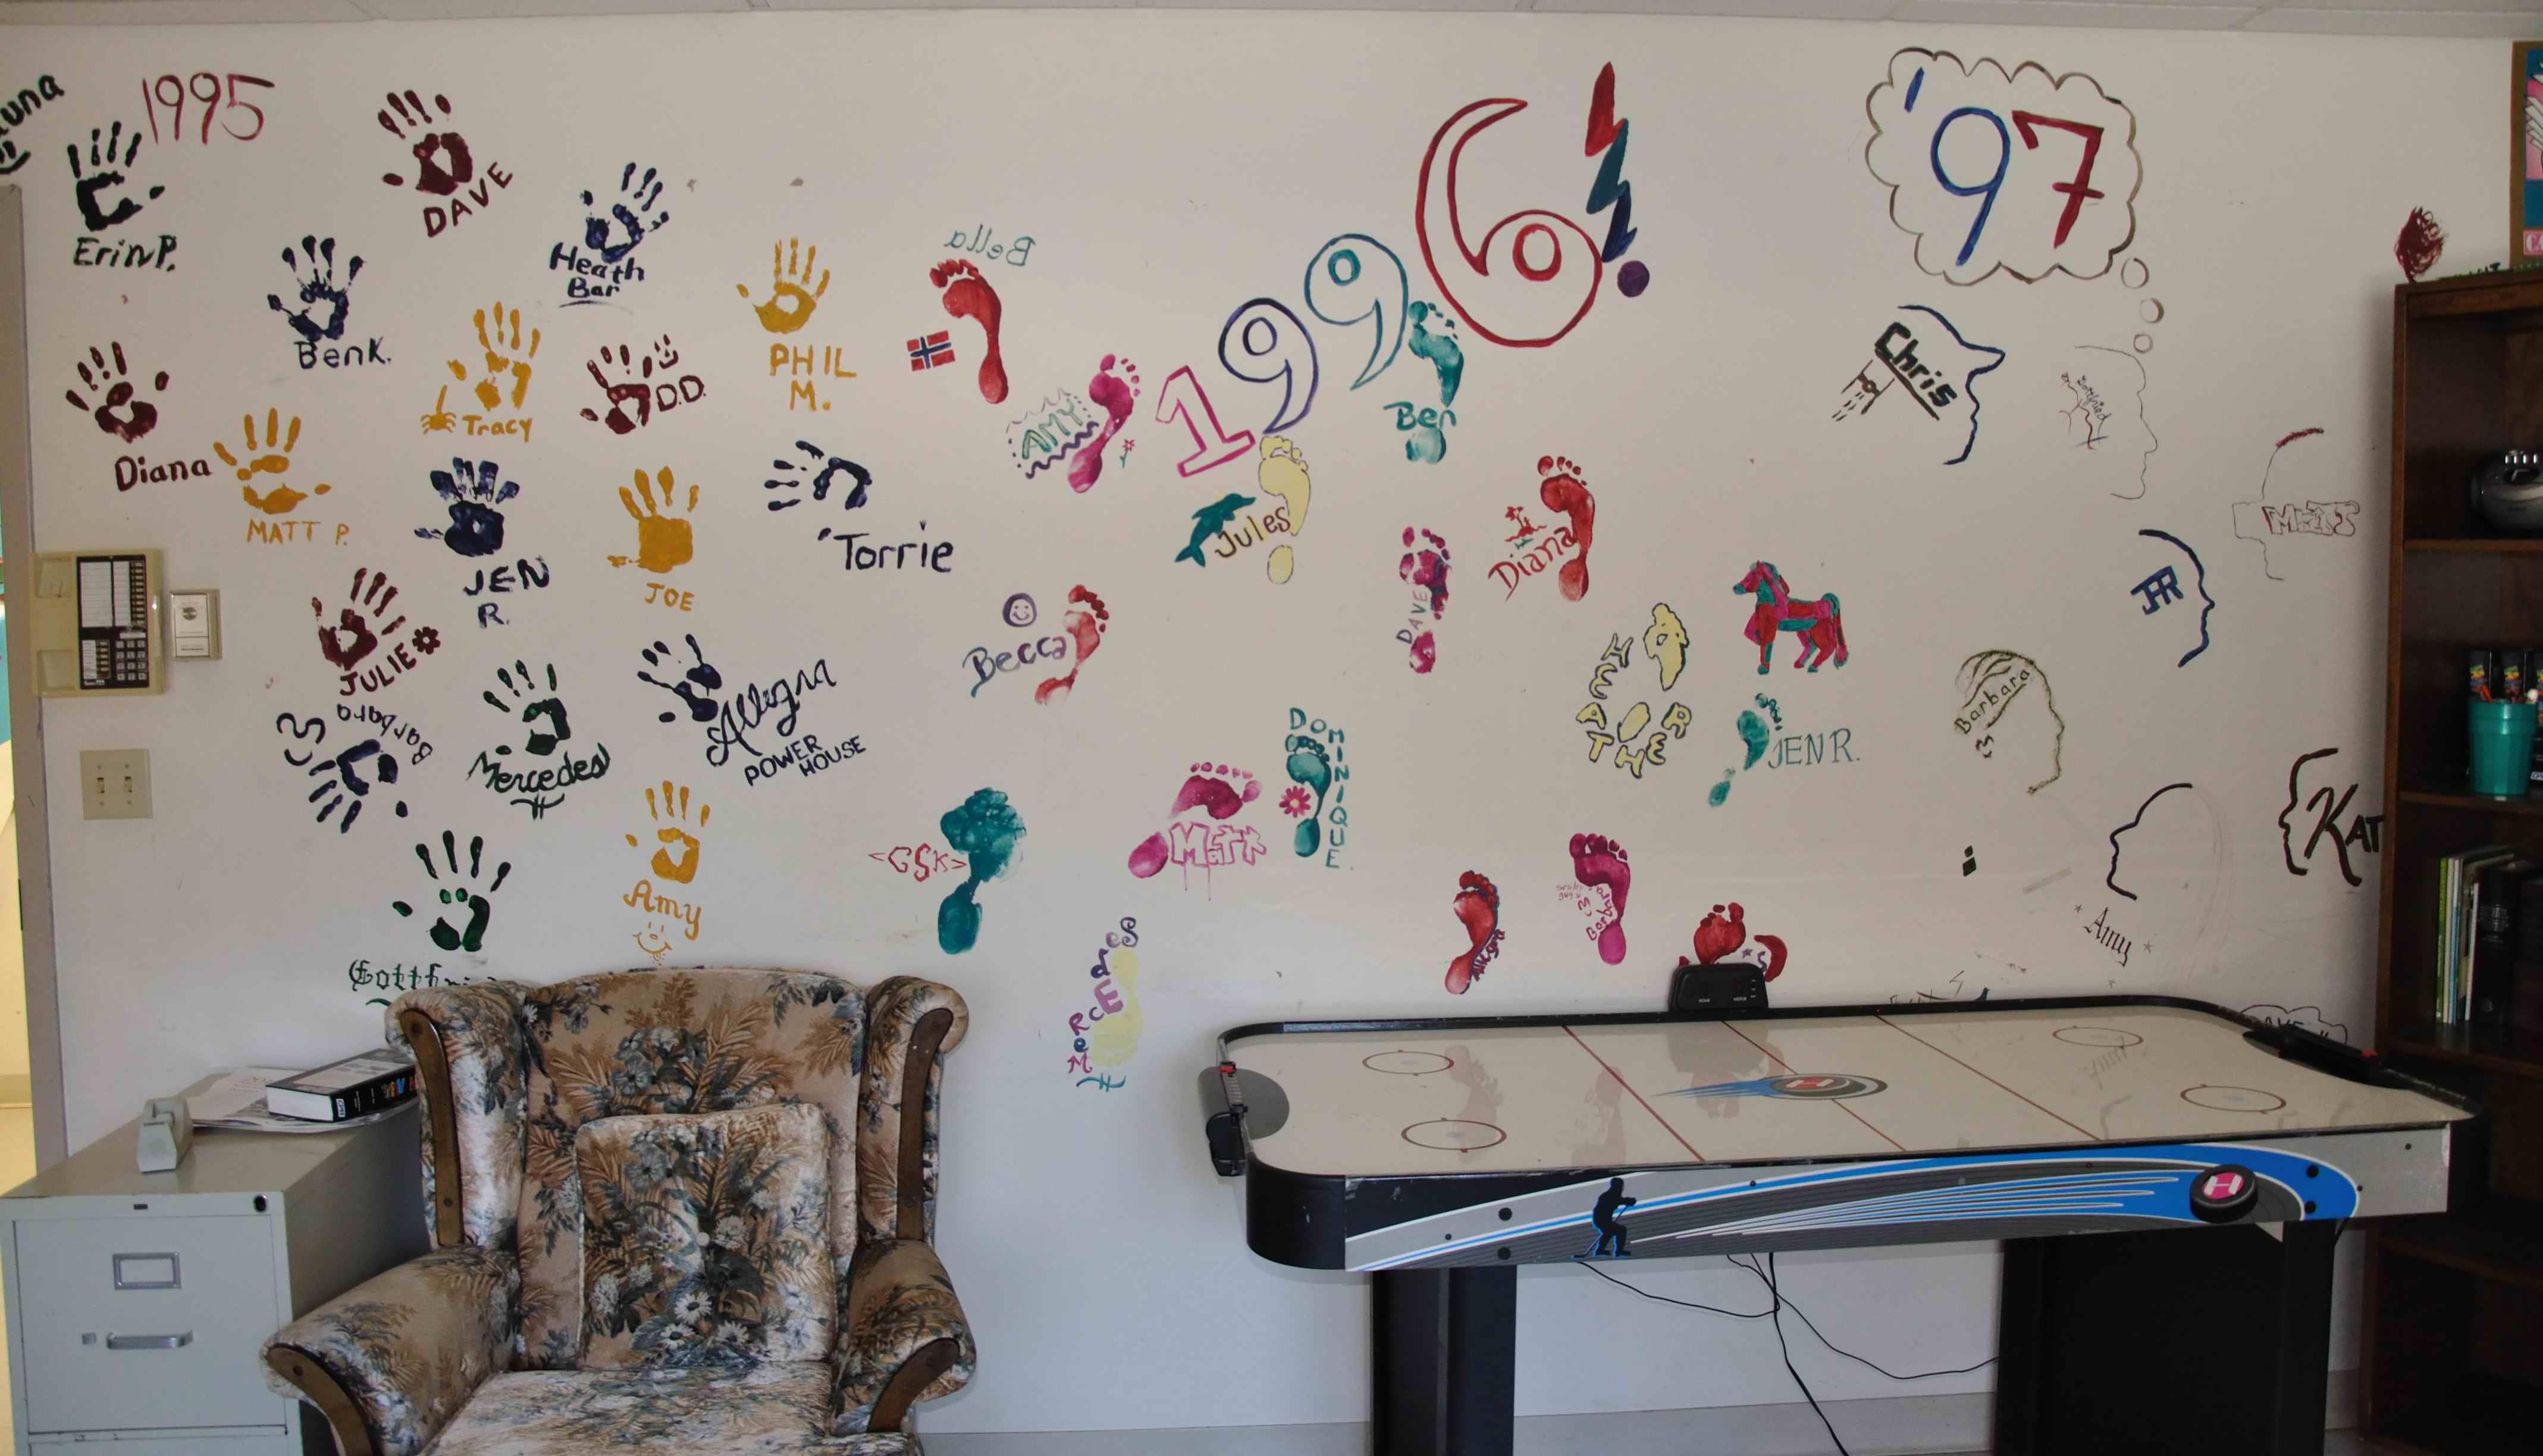 kreative selbstgemachte Wandgestaltung